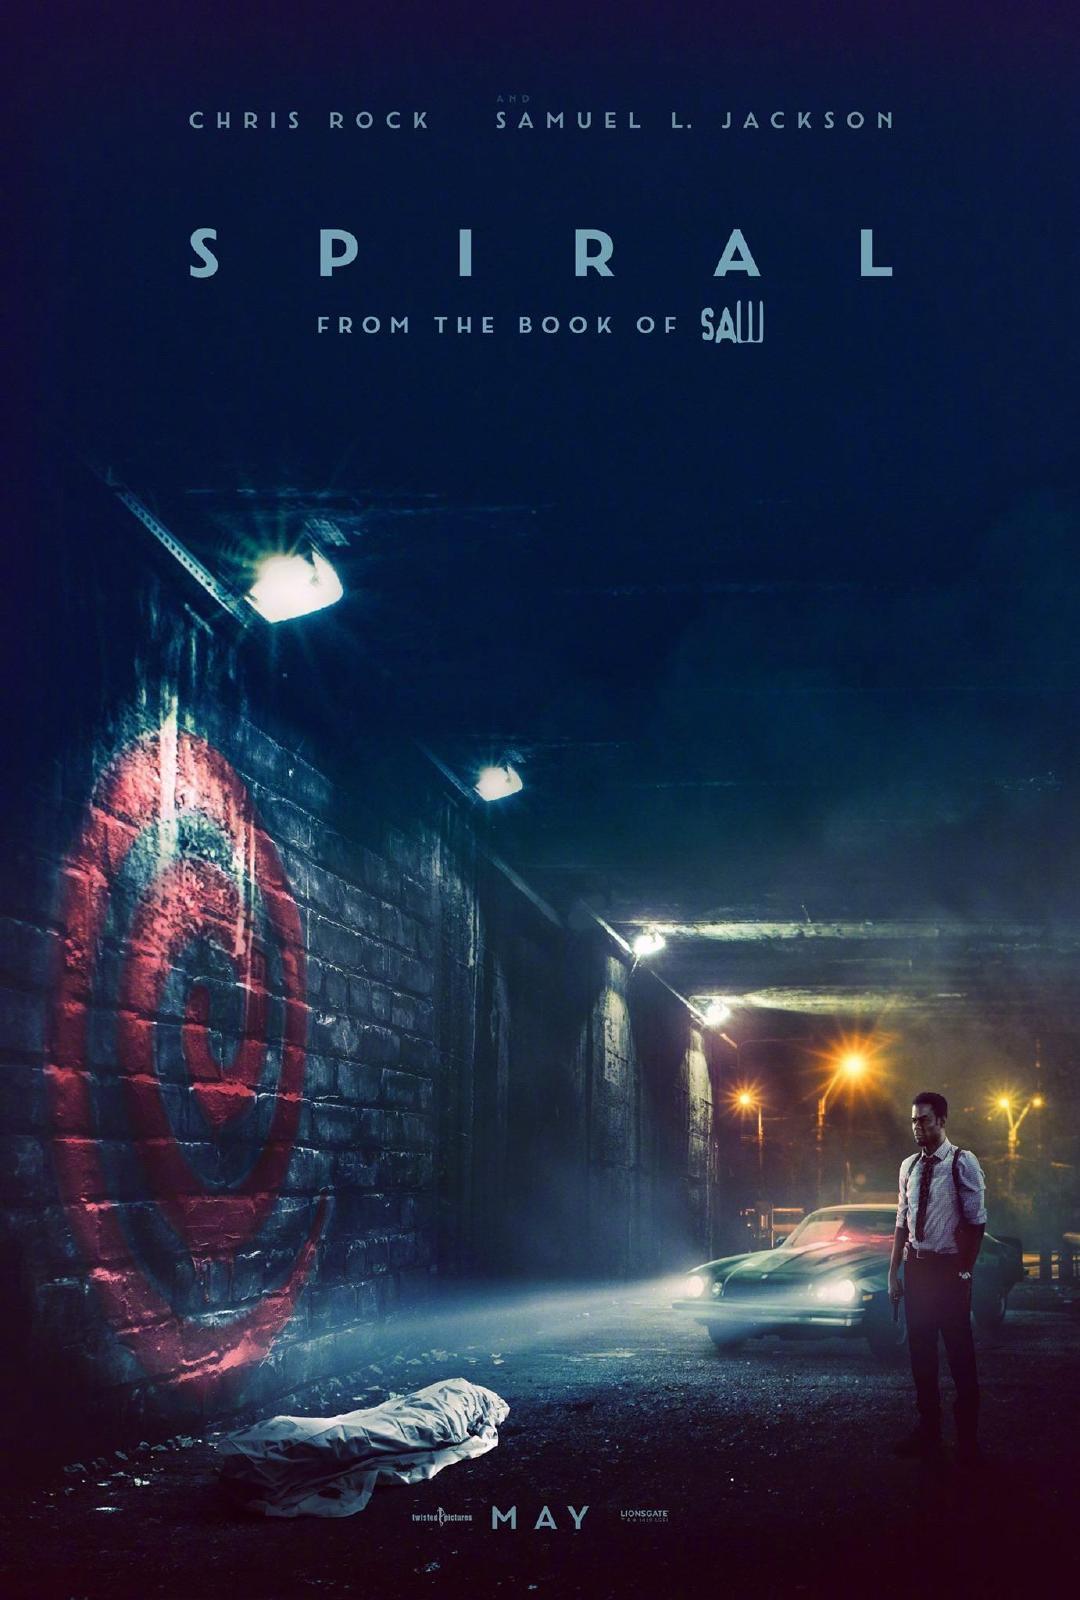 恐怖片《电锯惊魂9:螺旋》发布新海报 气氛阴森诡谲